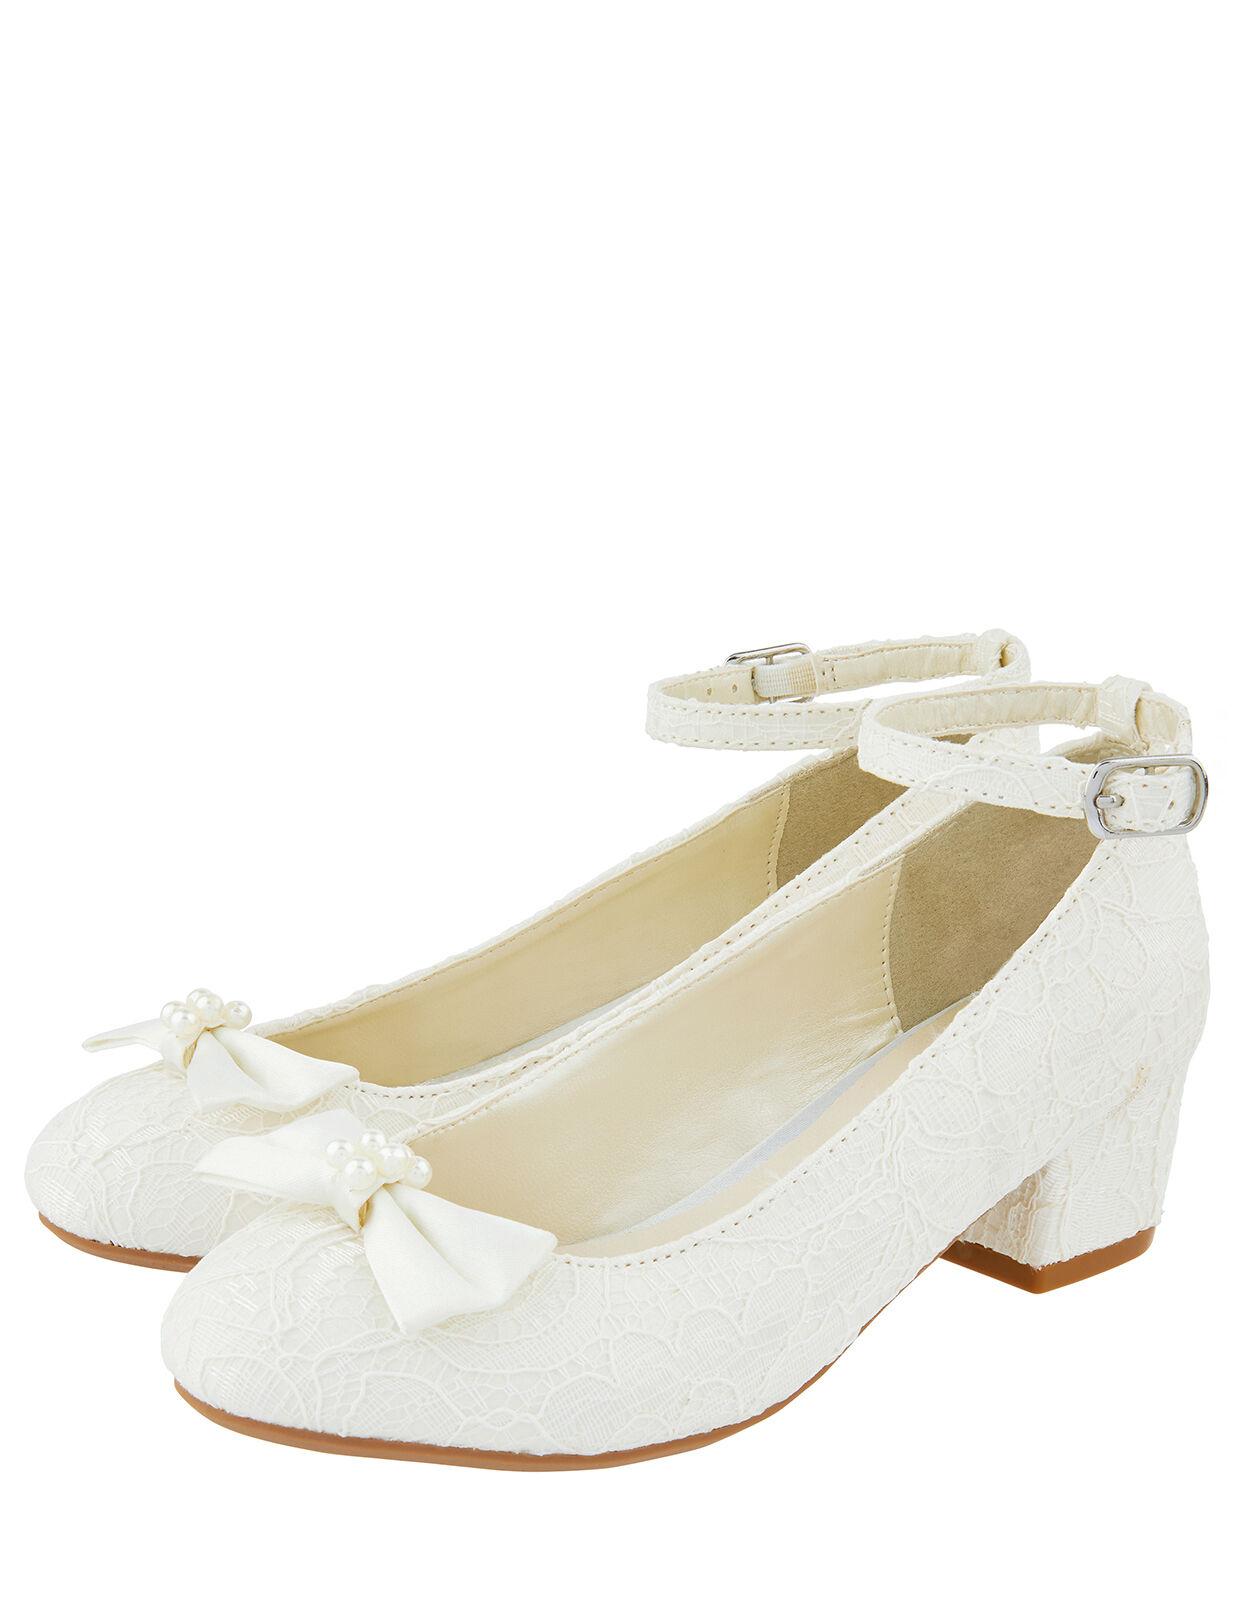 Lara Shimmer Lace Shoes Ivory   Girls